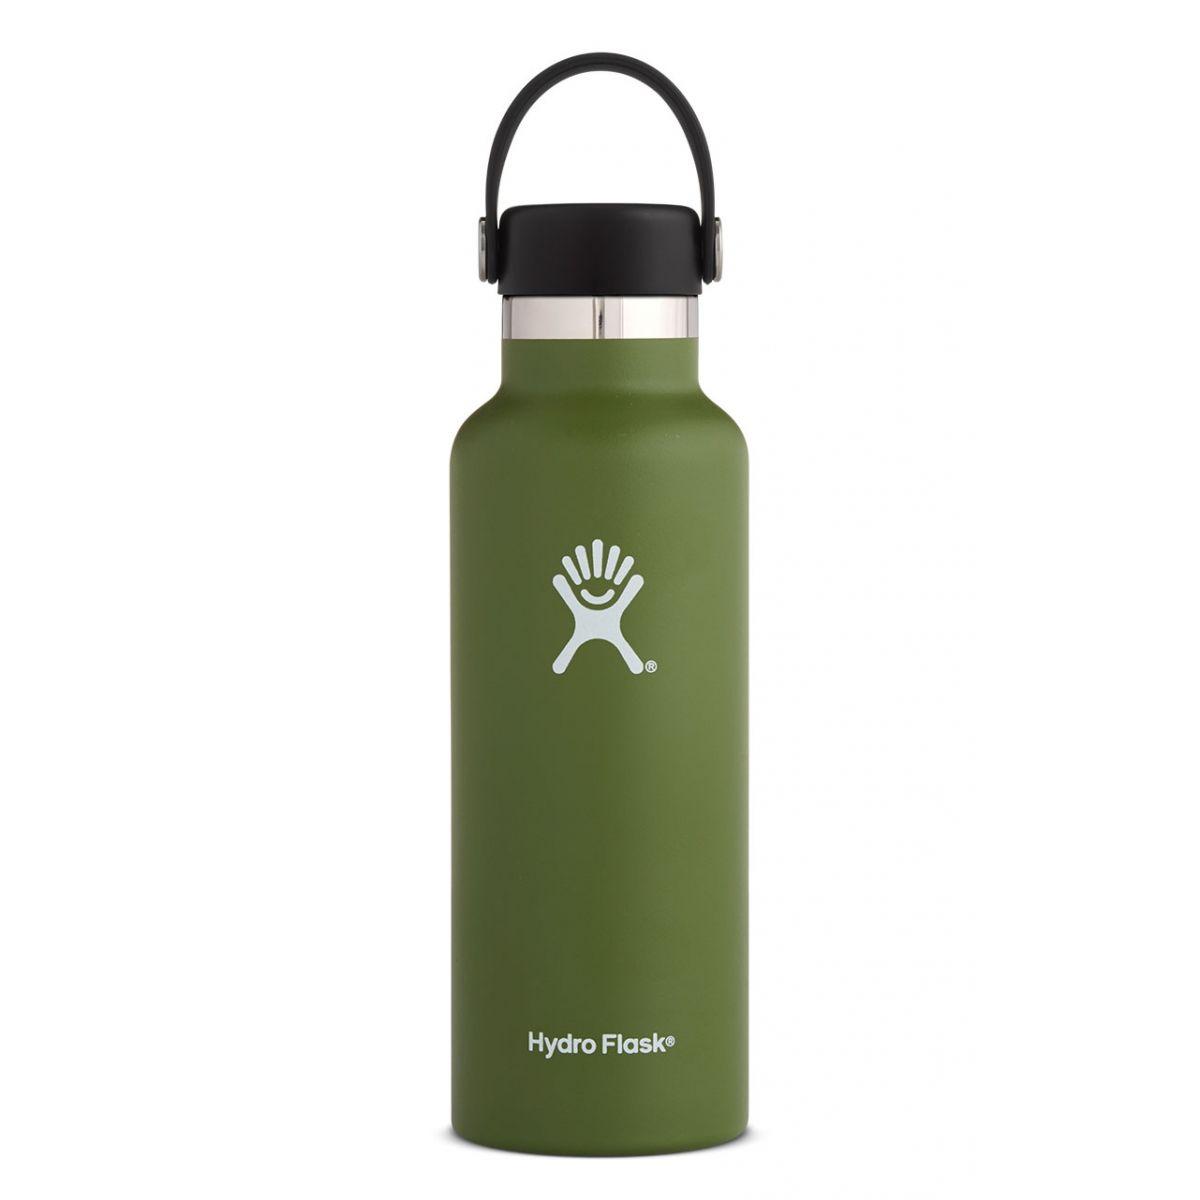 Produktbild von Hydro Flask 18 oz Standard Mouth Flex Cap Thermoflasche 532ml - Olive